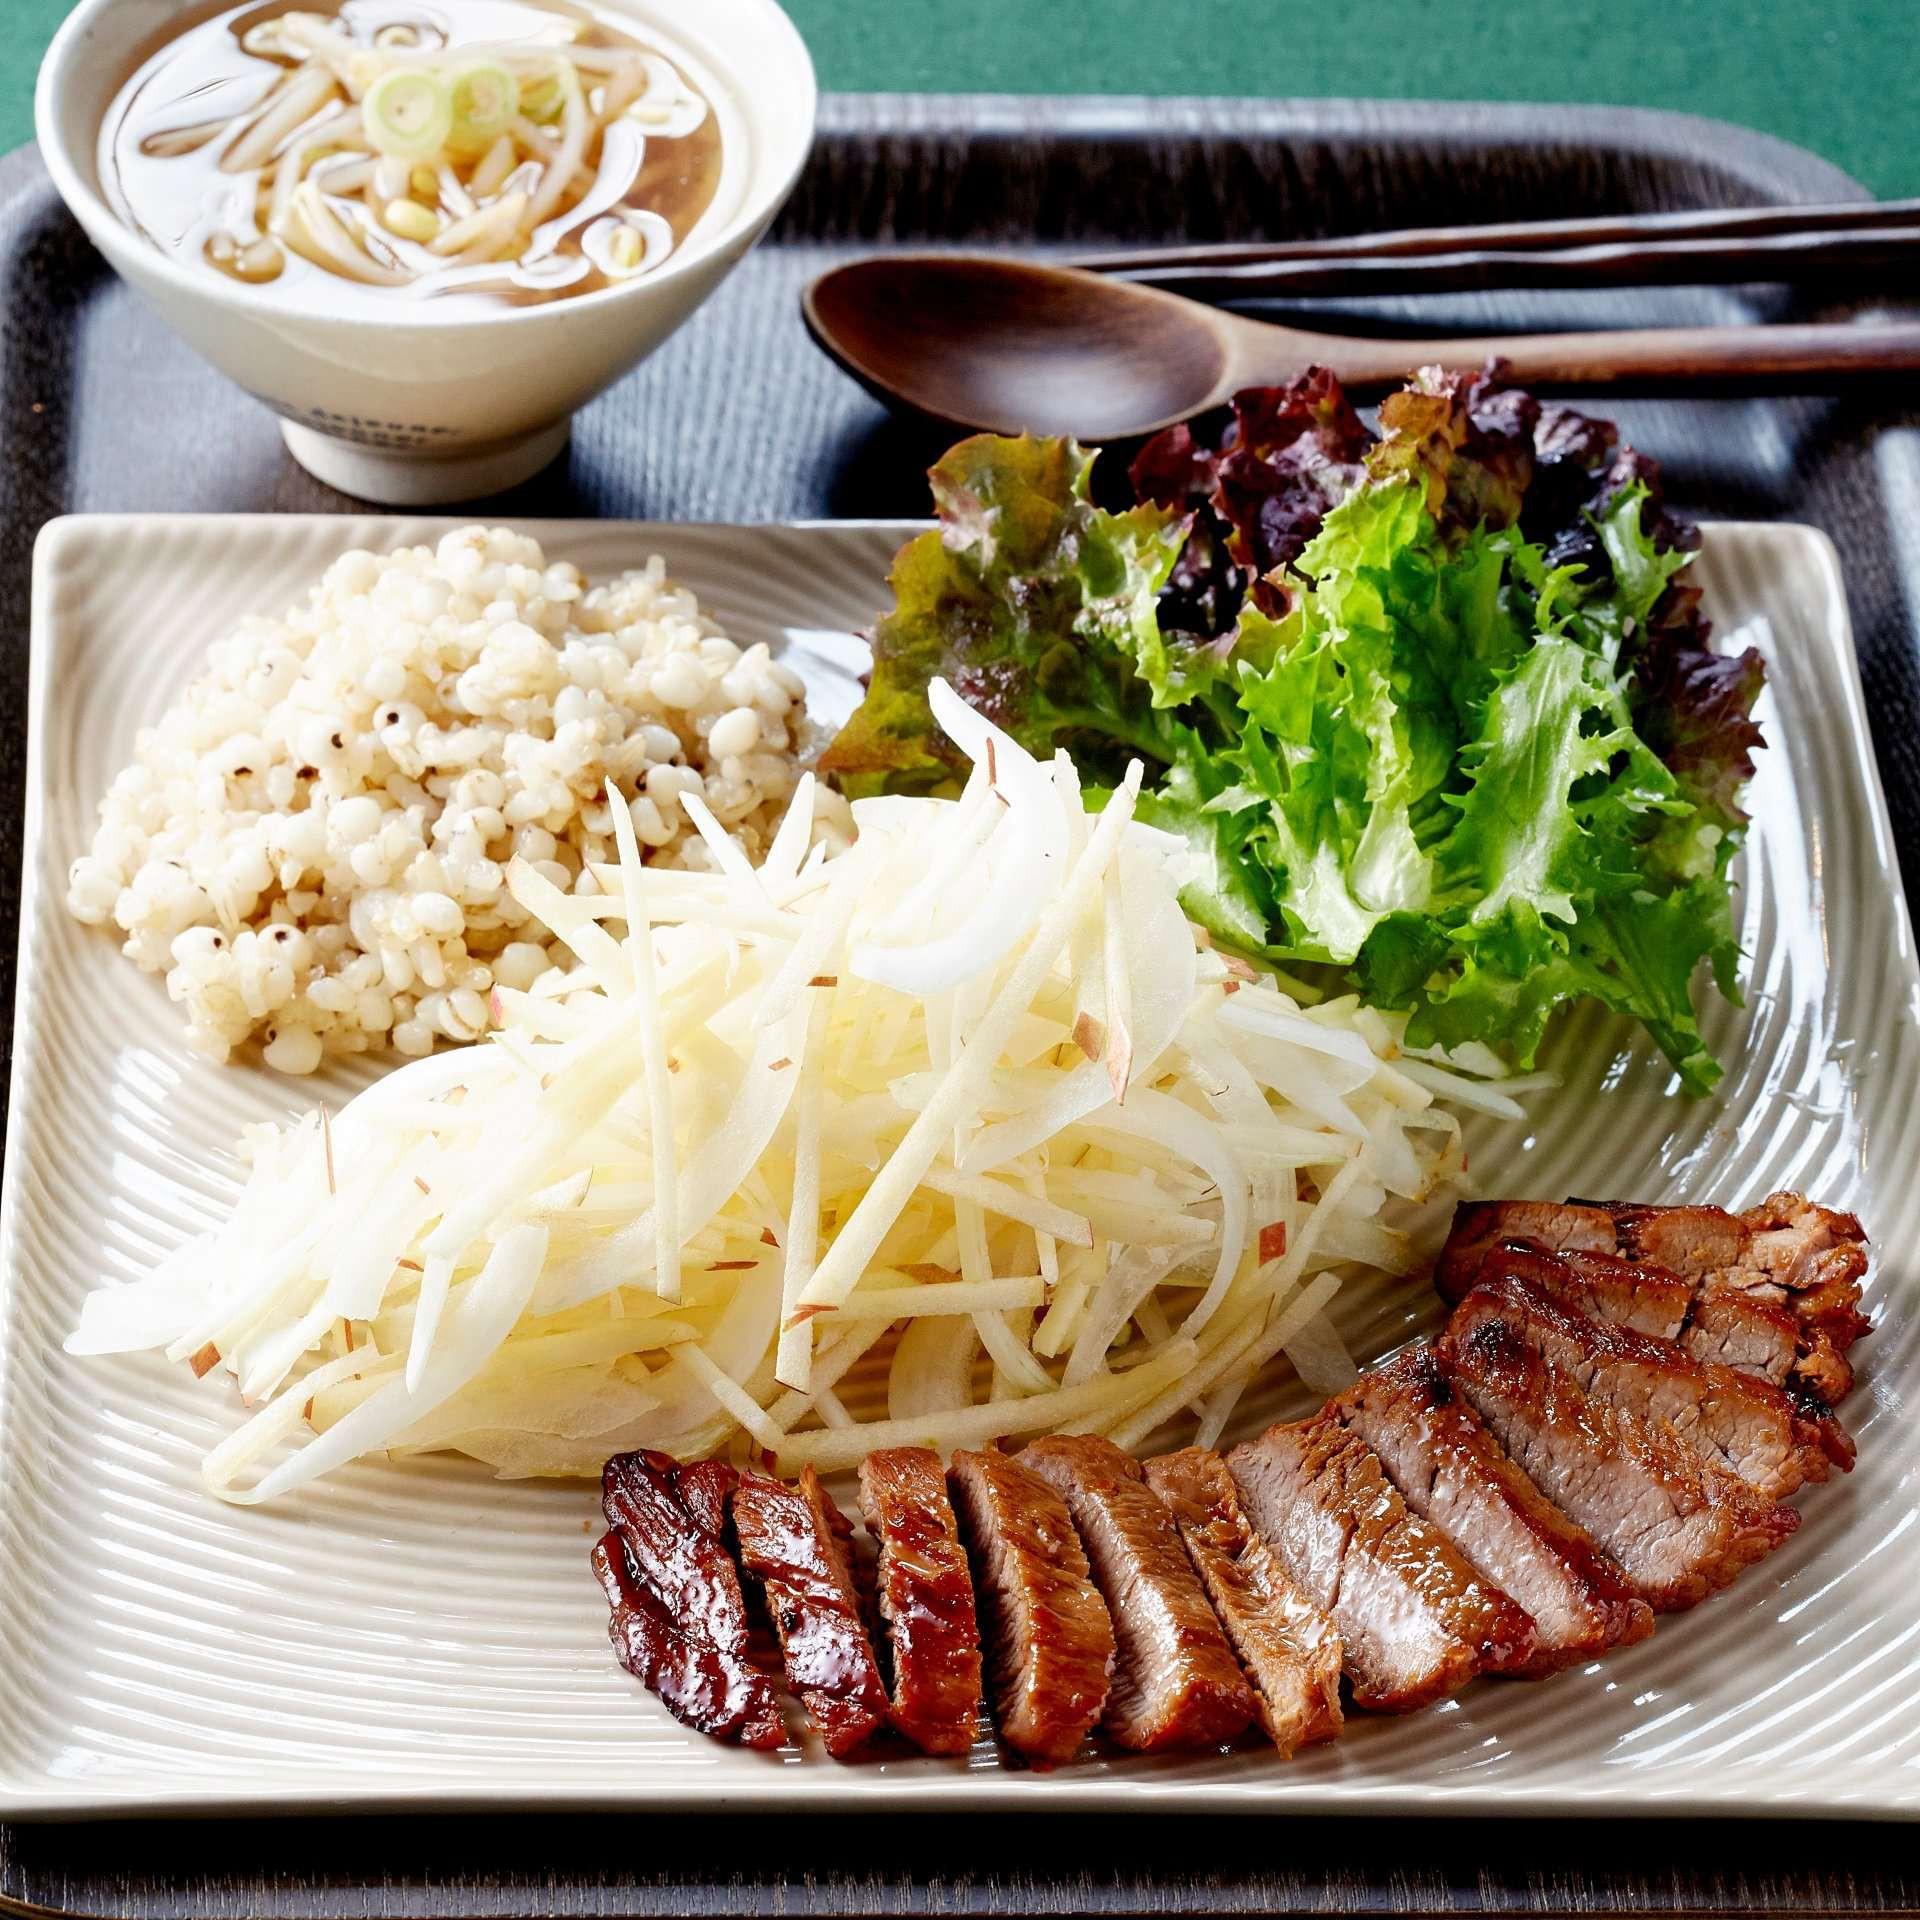 Bí quyết nhỏ cho món thịt áp chảo chuẩn 10 mềm ngon đúng điệu - Ảnh 5.